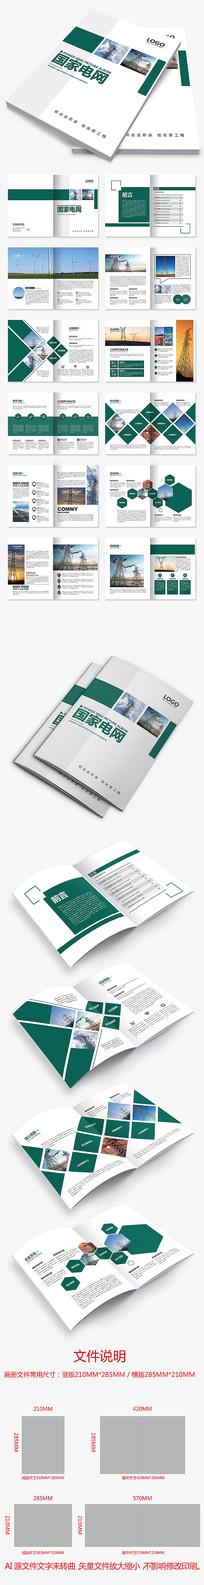 绿色国家电网画册电力画册能源科技画册